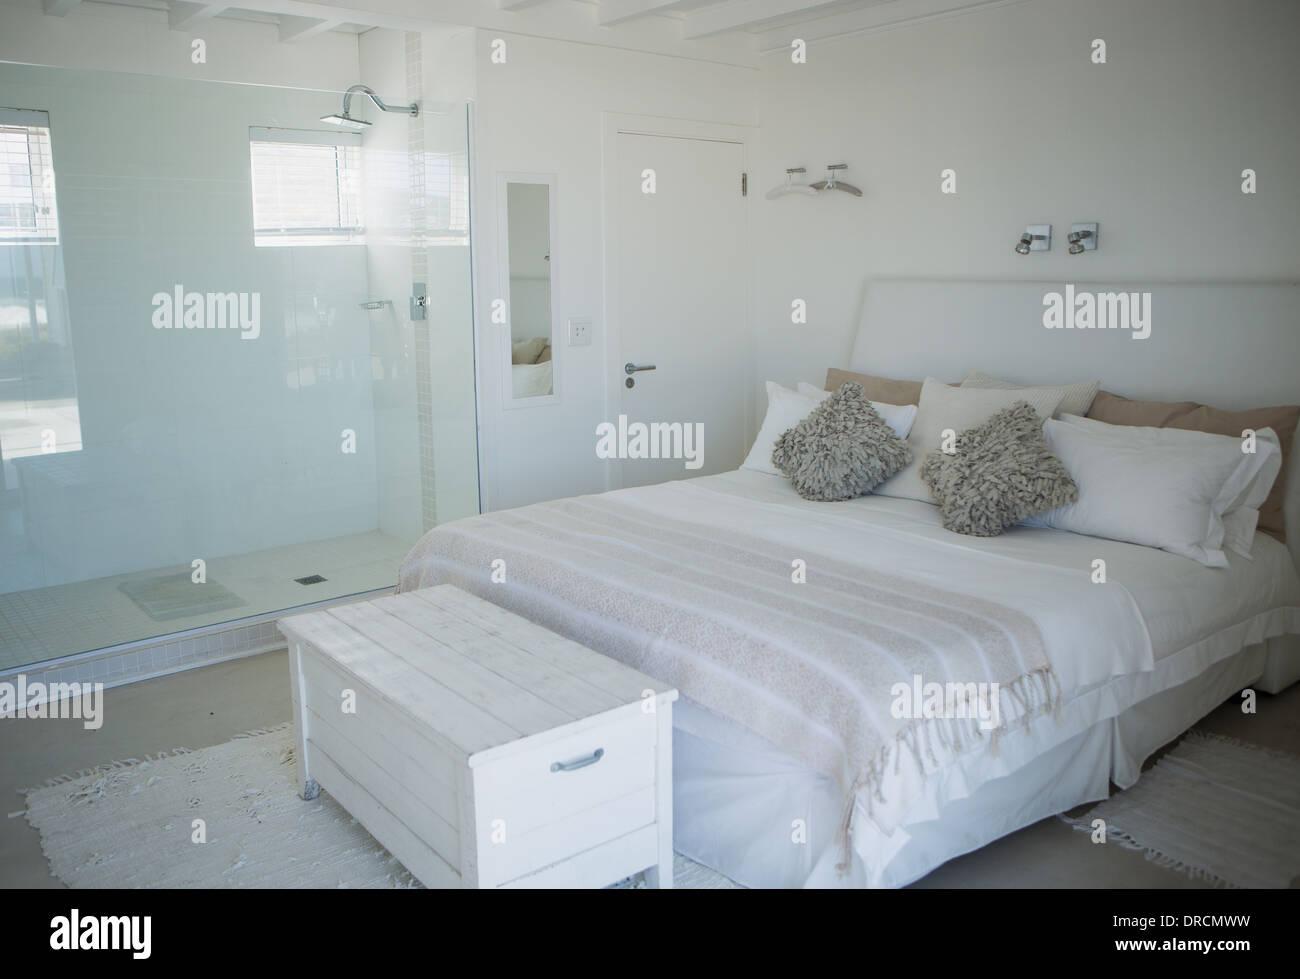 Bett, Dusche und Stamm in modernen Schlafzimmer Stockfoto ...